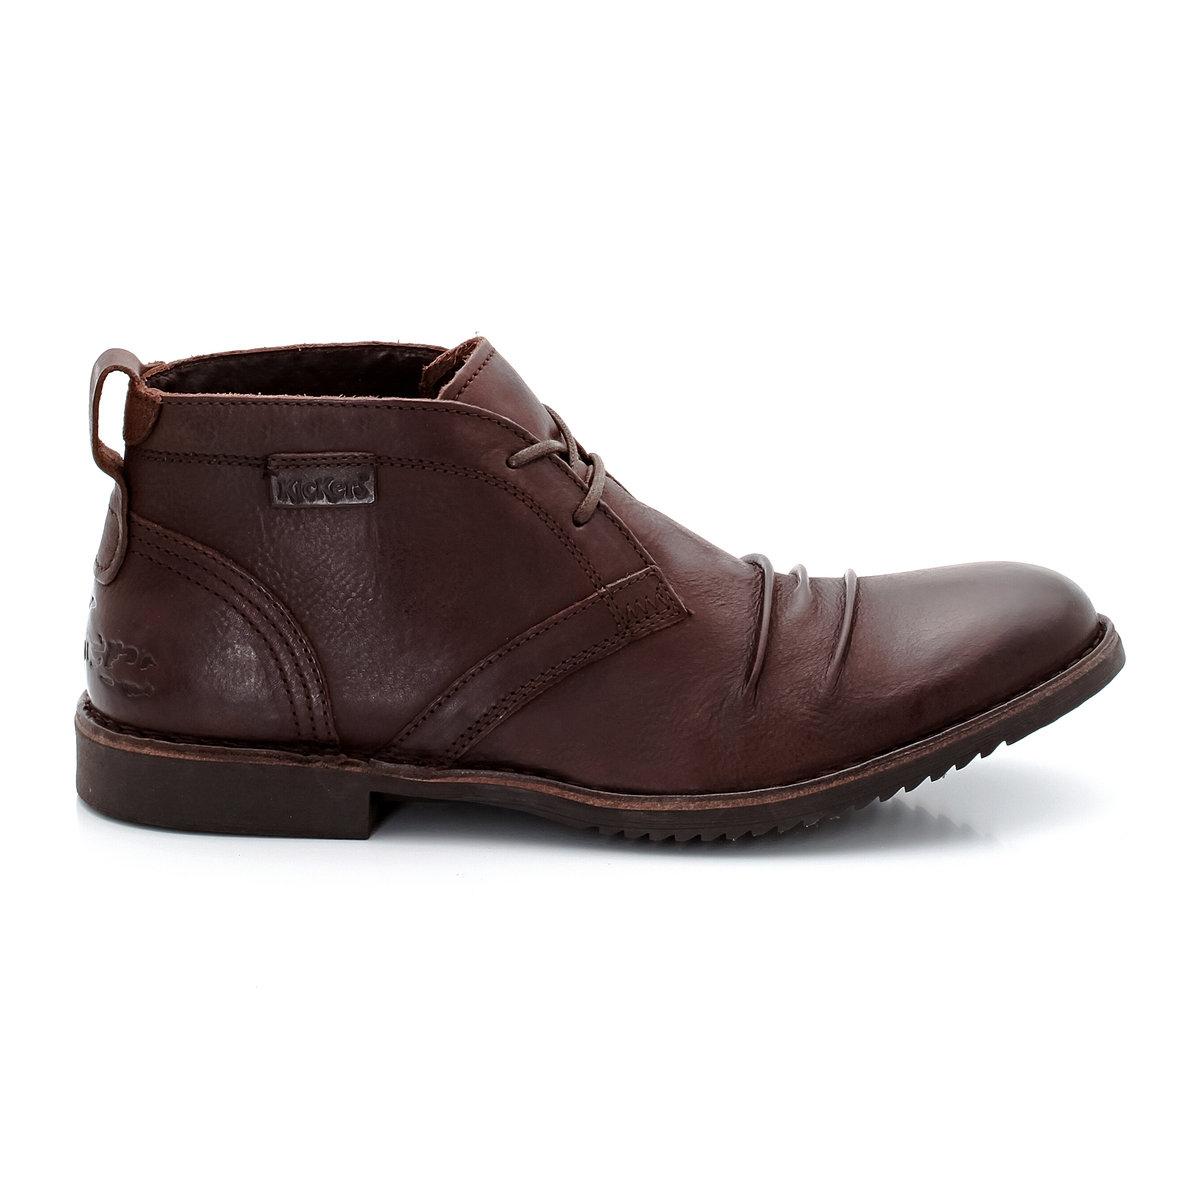 Ботинки кожаныеКожаные ботинки, модель Jecho2 от KICKERS. Верх: 100% кожи (коровья). Верх: велюр. Стелька: велюр. Подошва: резина. Застежка: на шнуровке. Высота верха: ок.10 см. Неоспоримые плюсы: красивые ботинки, обольщающие своими деталями и оригинальной отделкой. Оригинальный бунтарский дух от KICKERS.<br><br>Цвет: темный каштан